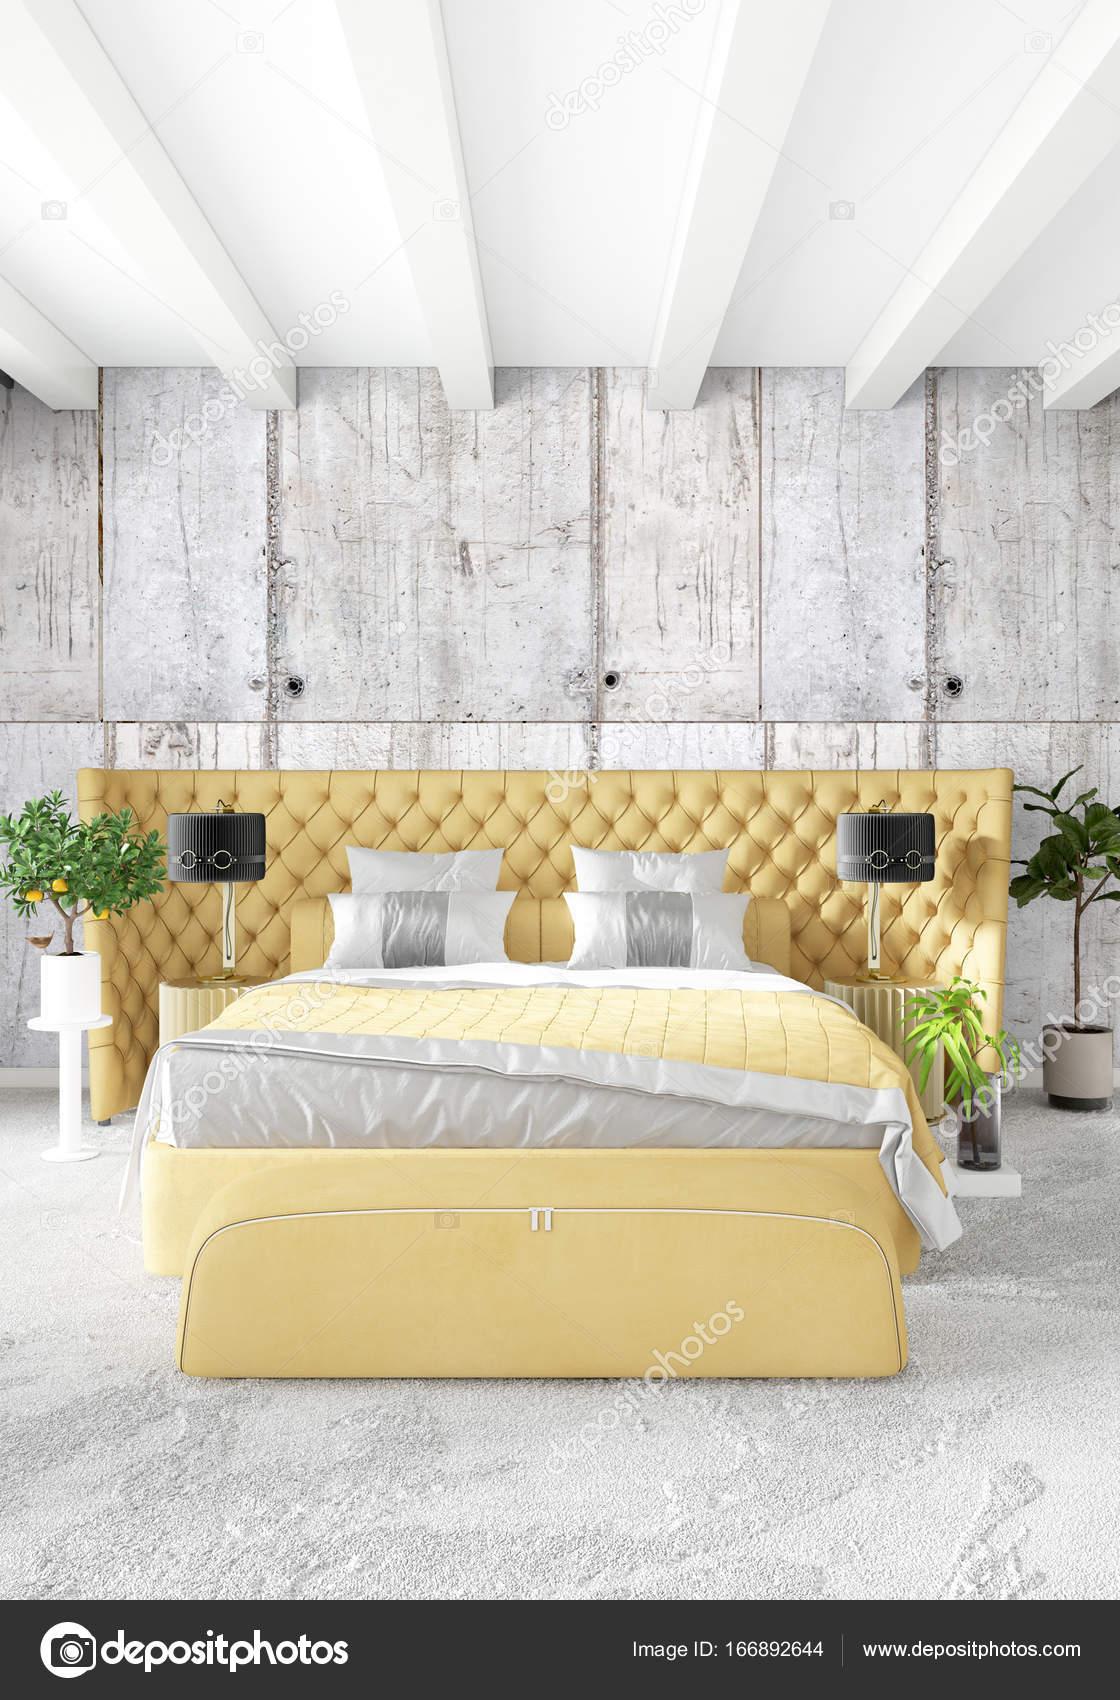 Camera da letto moderna giallo divano lusso stile minimal loft ...